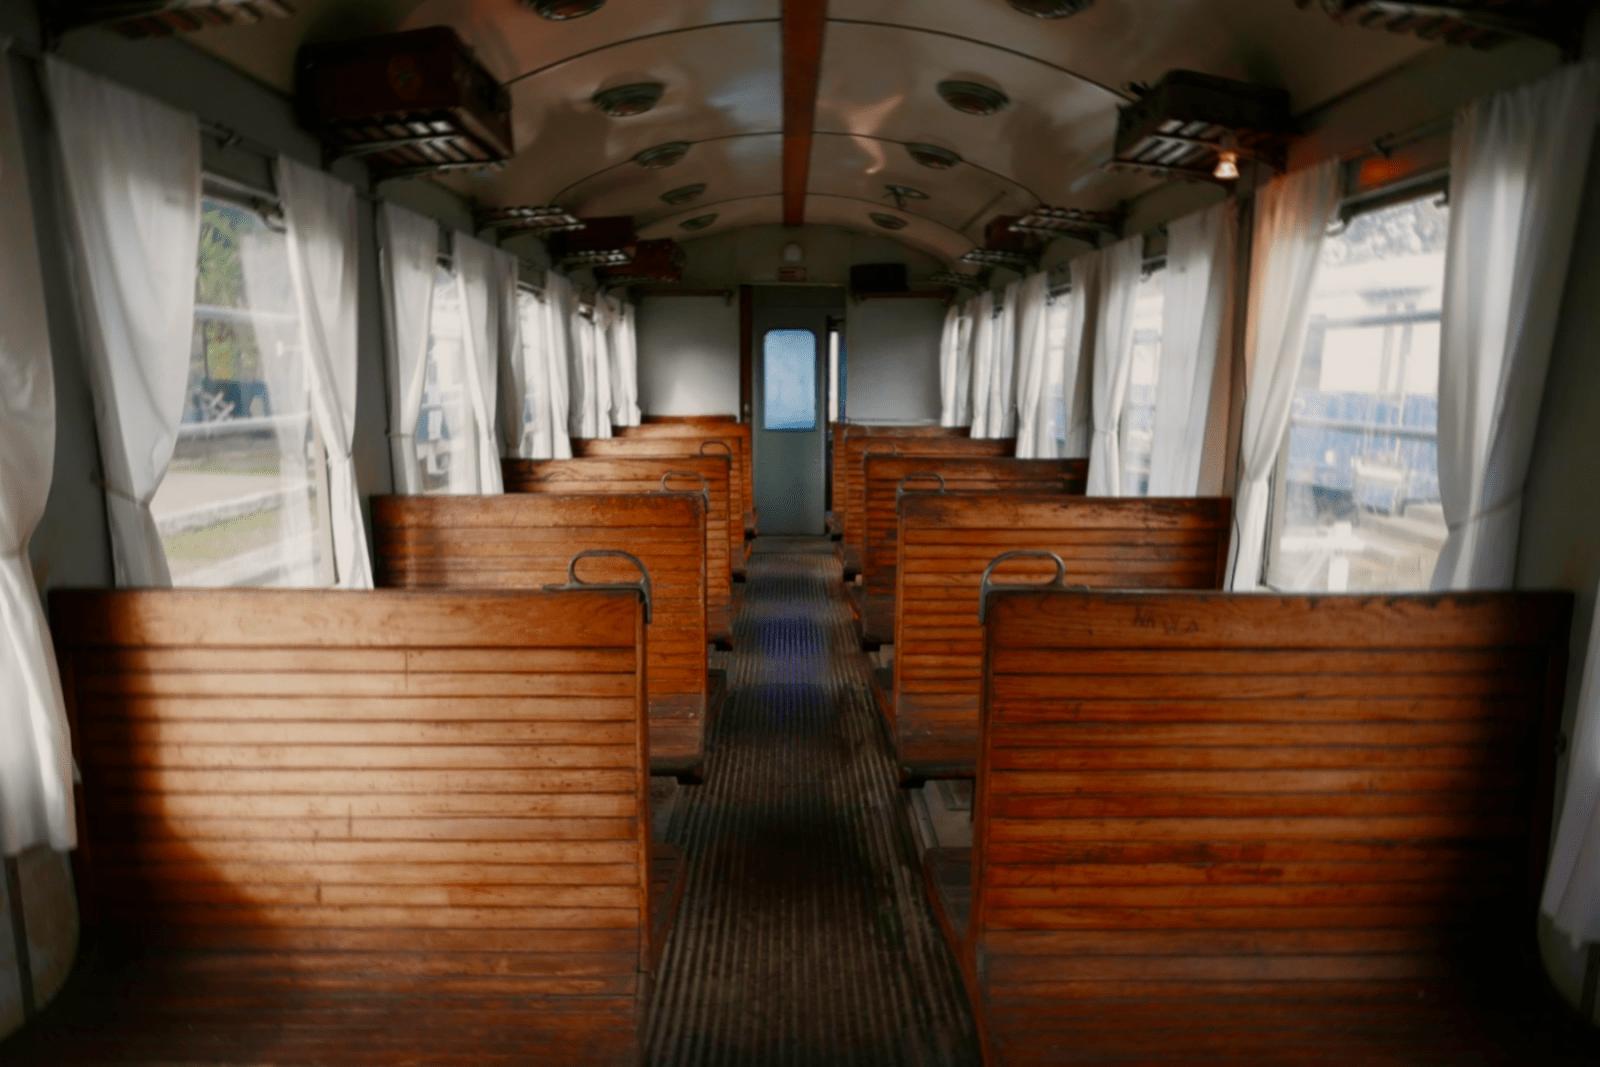 L'interno di uno dei rotabili storici, il 'treno bloccato' 472-111 del 1949.